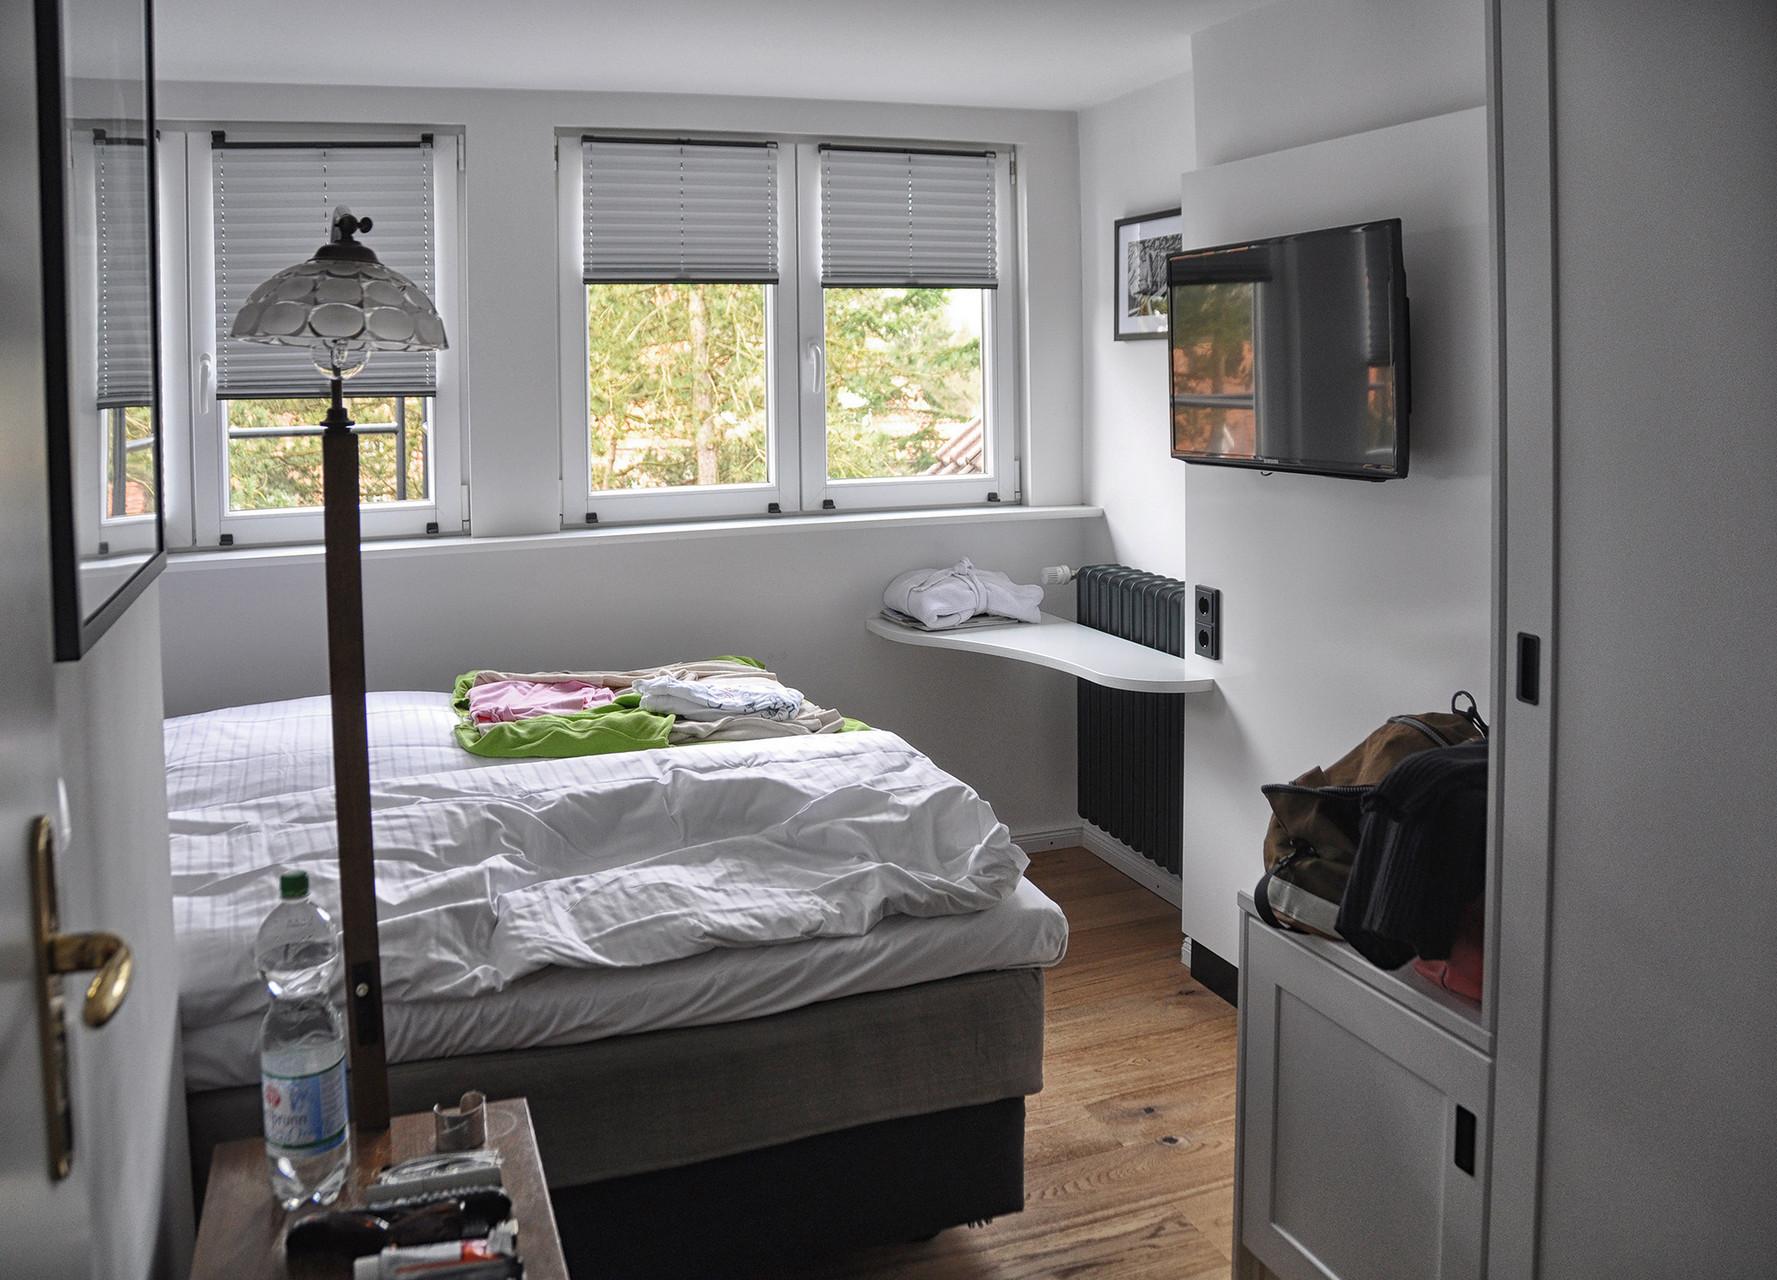 Nach dem ersten Schock, wegen der Minigröße, hab ich dieses lichtdurchflutete Zimmer geliebt :-)